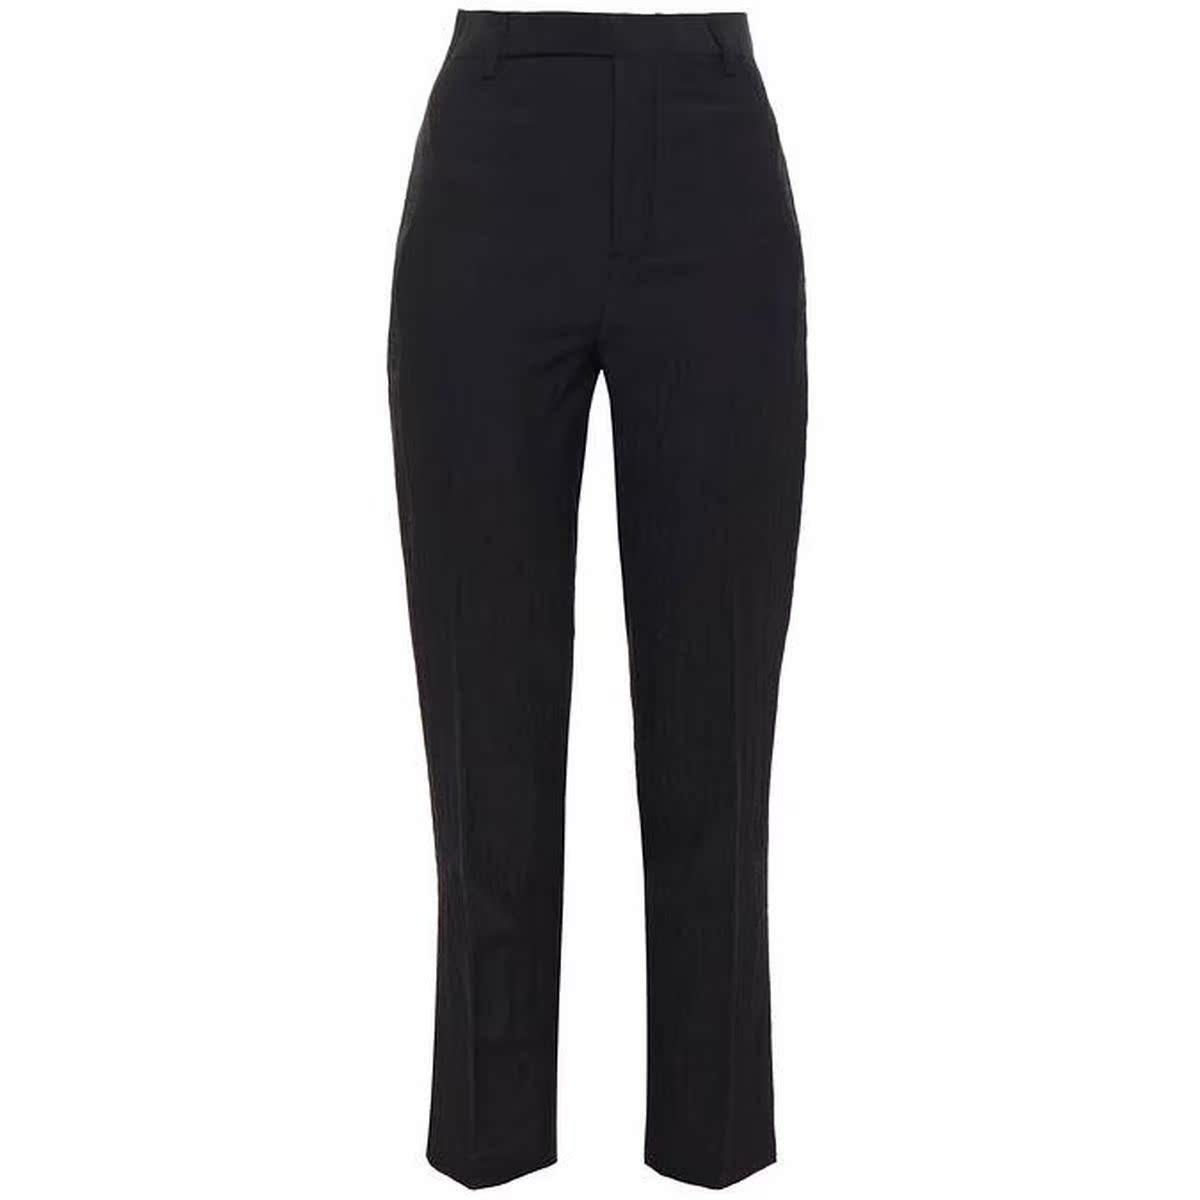 代购Rick Owens 羊毛铜氨纤维混纺绉纱锥形长裤女2021新款奢侈品